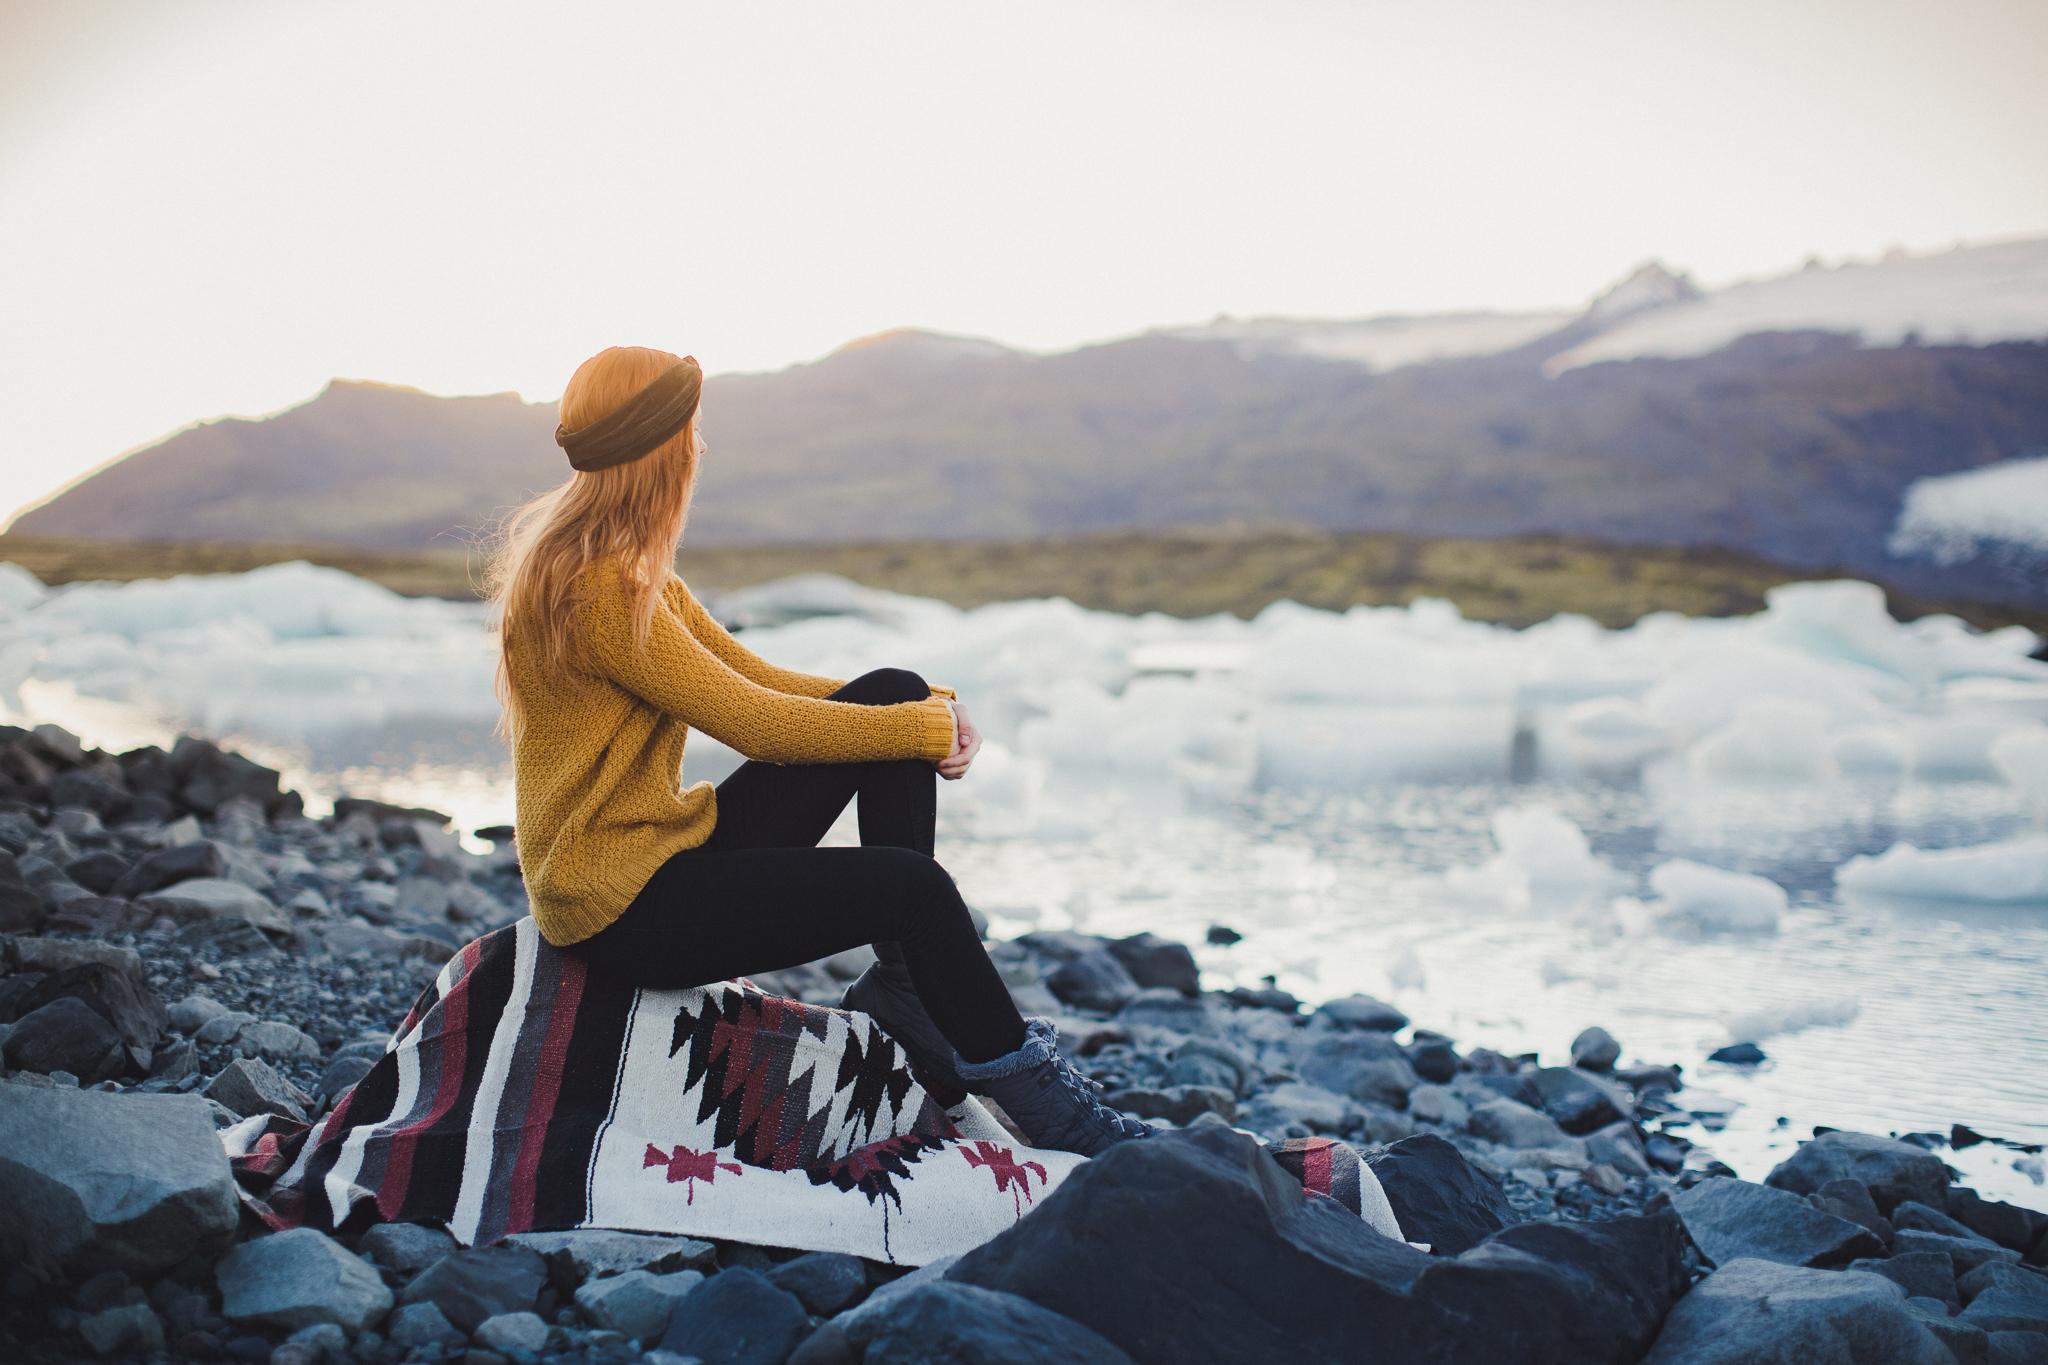 Iceland_BEC 057 [Image by Jarrad Seng].jpg